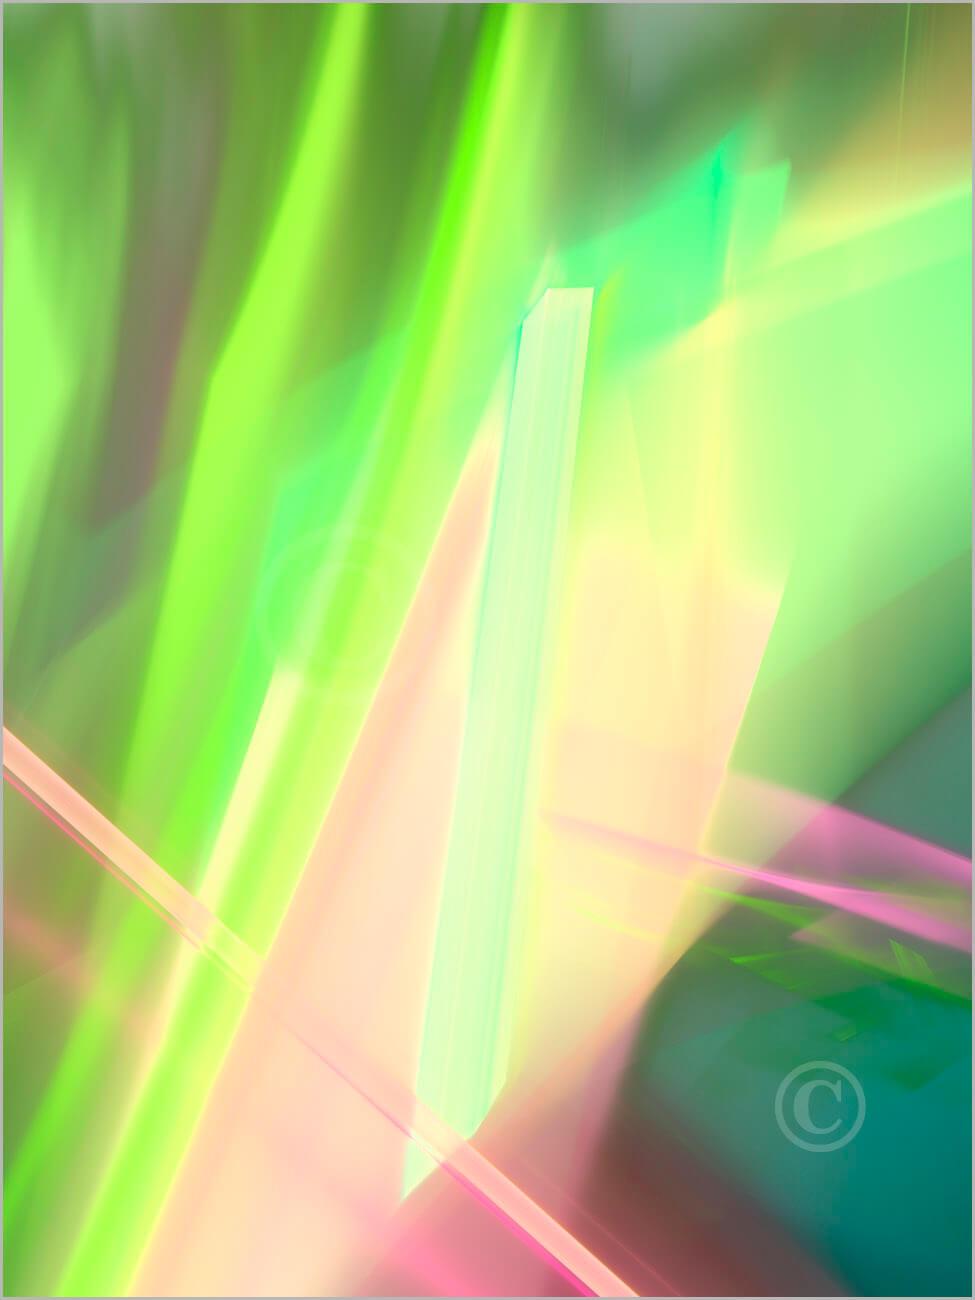 Colorshapes_F2_3018_L